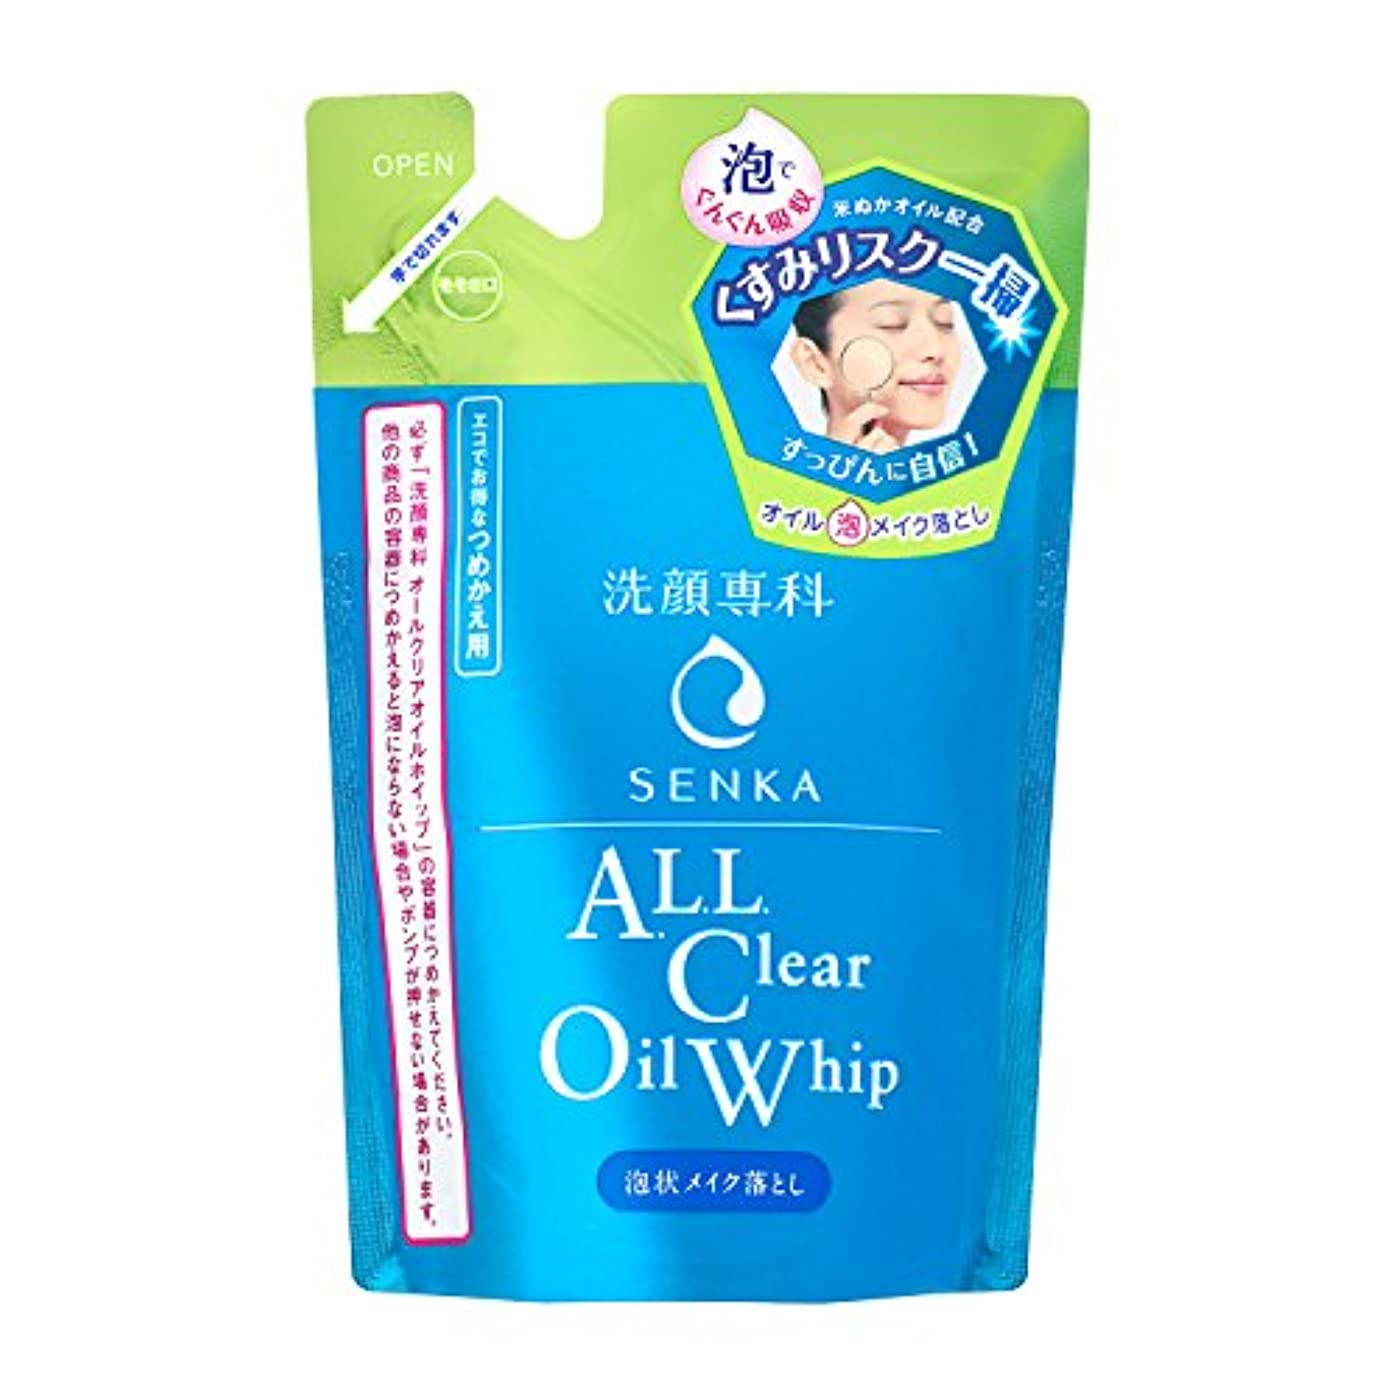 血がんばり続けるプット洗顔専科 オールクリアオイルホイップ 泡状メイク落とし つめかえ用 130mL